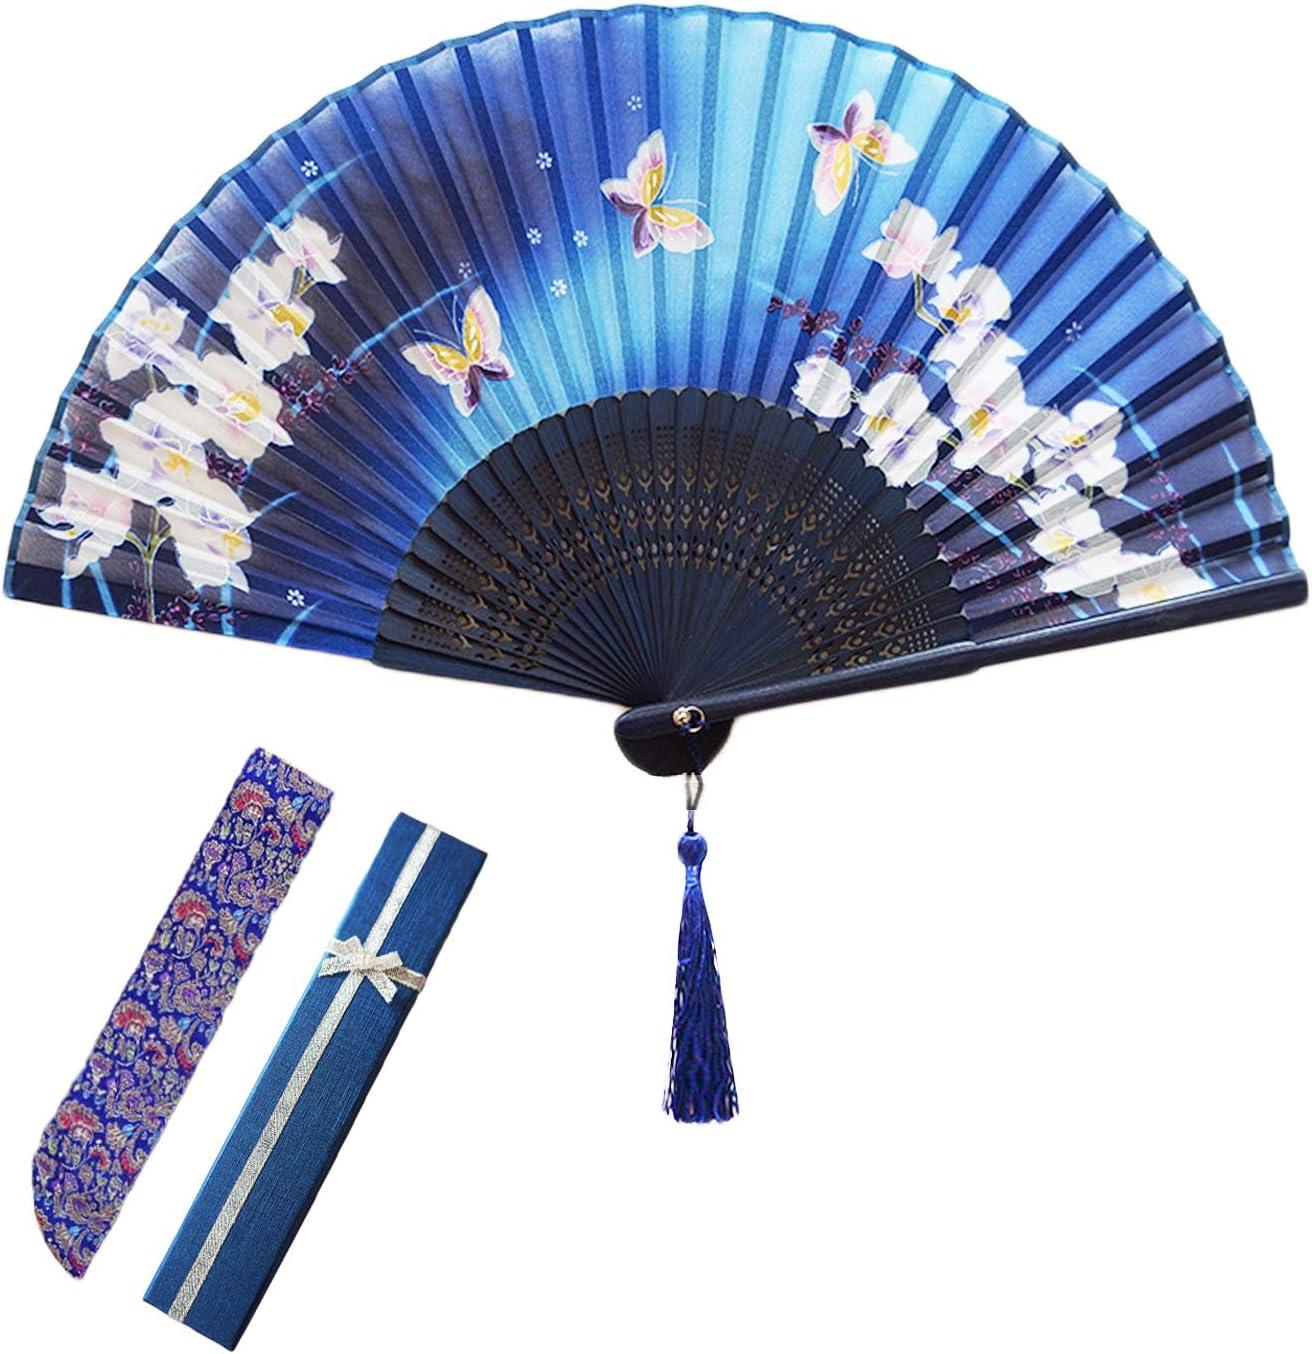 FtingSun Ventaglio Pieghevole in Seta Giapponese per Ballerina e Feste in Maschera Blue con Telaio in bamb/ù Stile Cinese